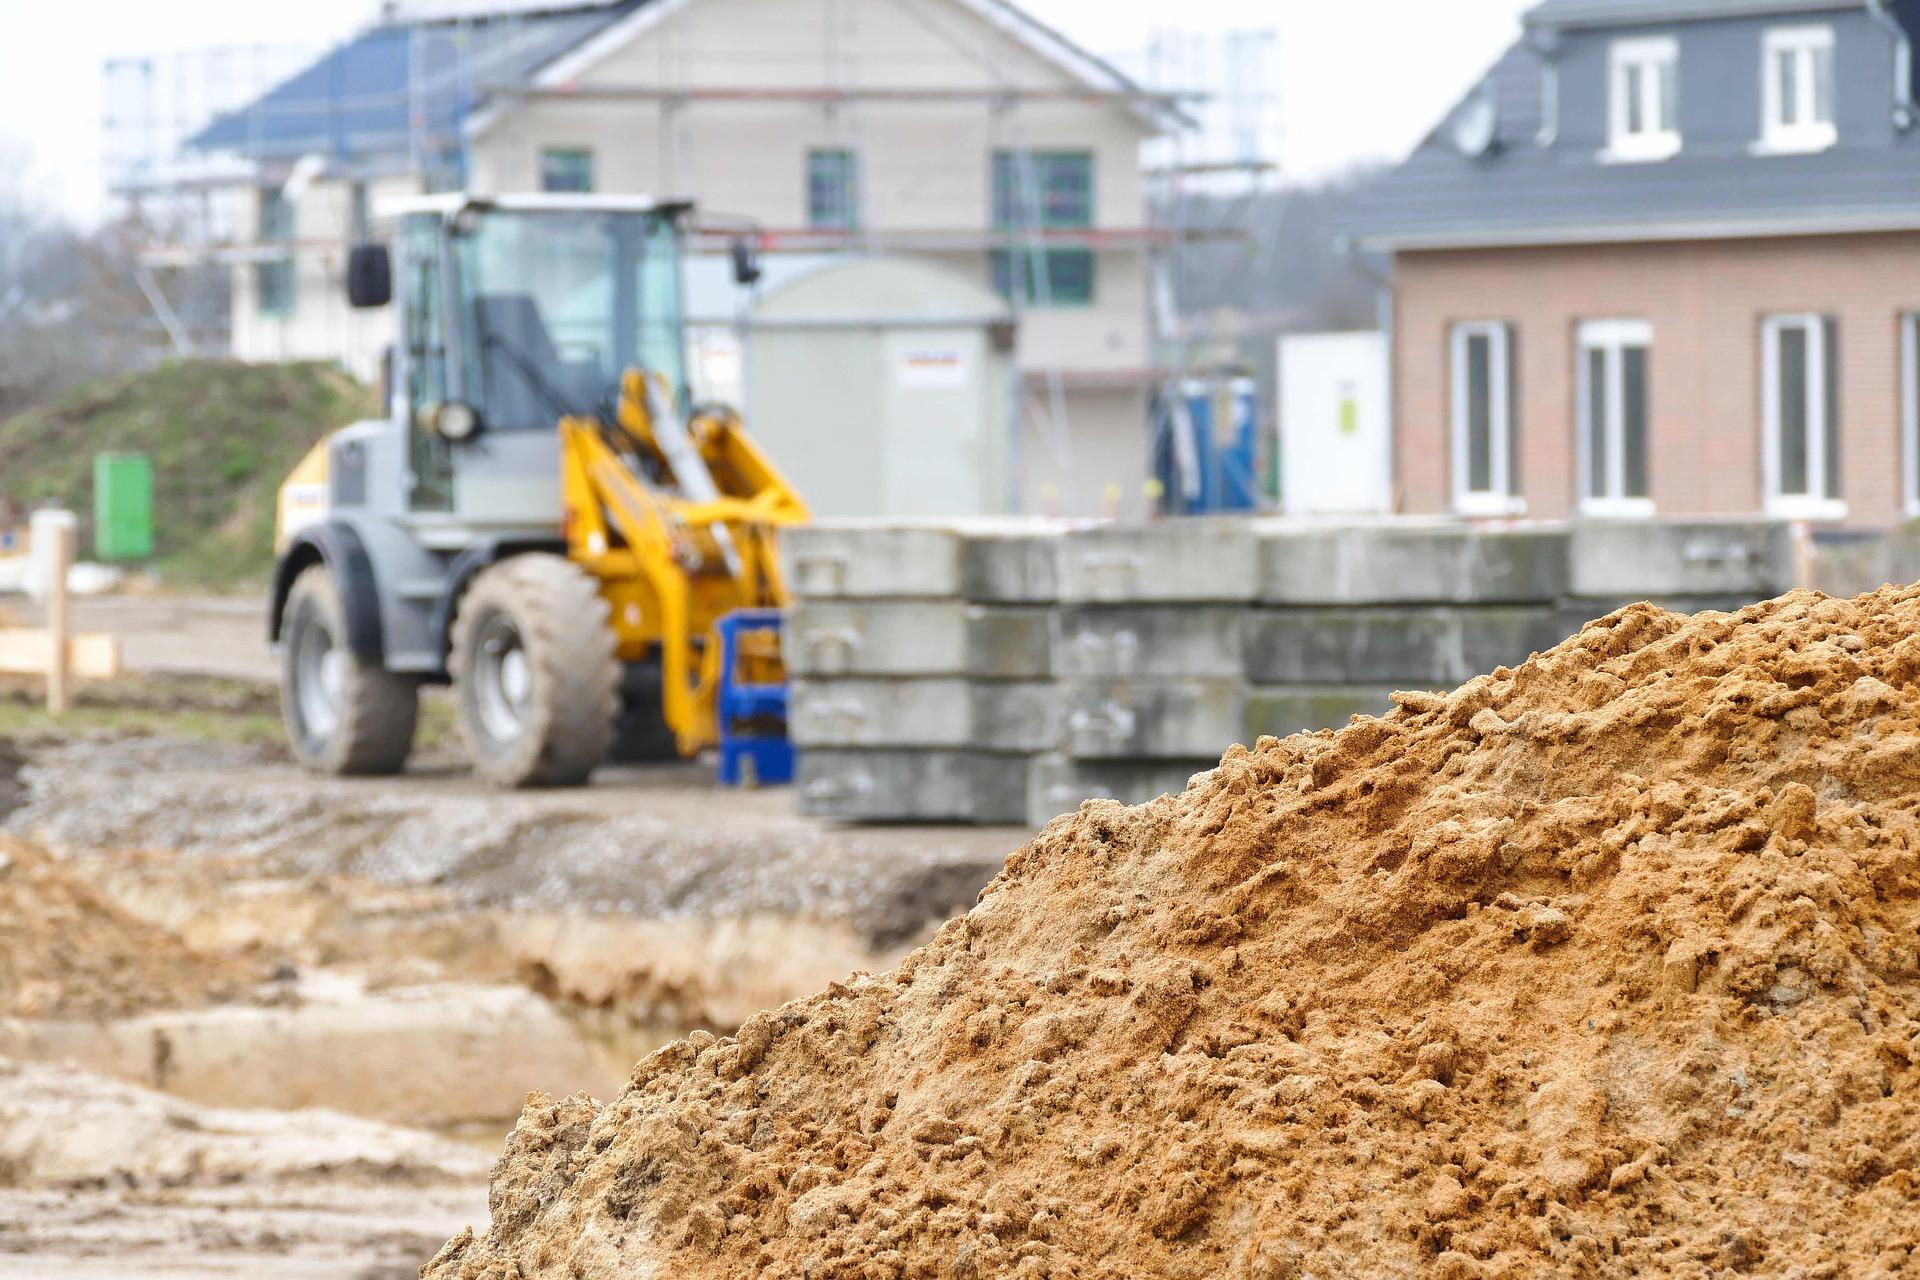 Baufirma Halle - Termin Bau ist Ihre Baufirma für Neubau, Rohbau, Sanierung und mehr